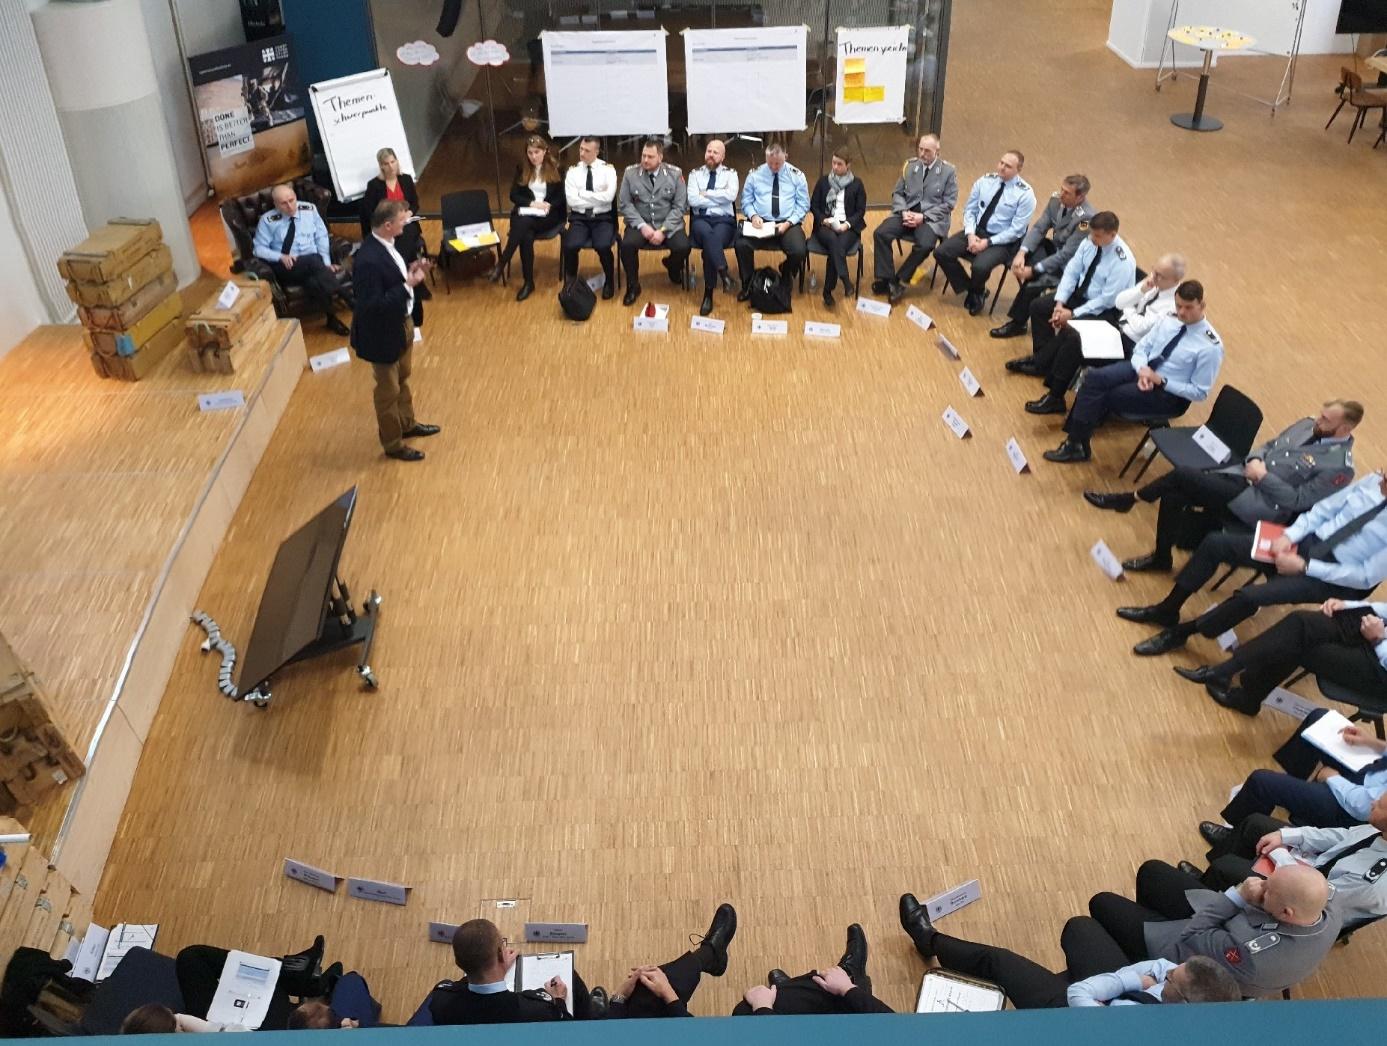 05.11.2019, Berlin, Cyber Innovation Hub: Sitzung des Evaluierungsteams